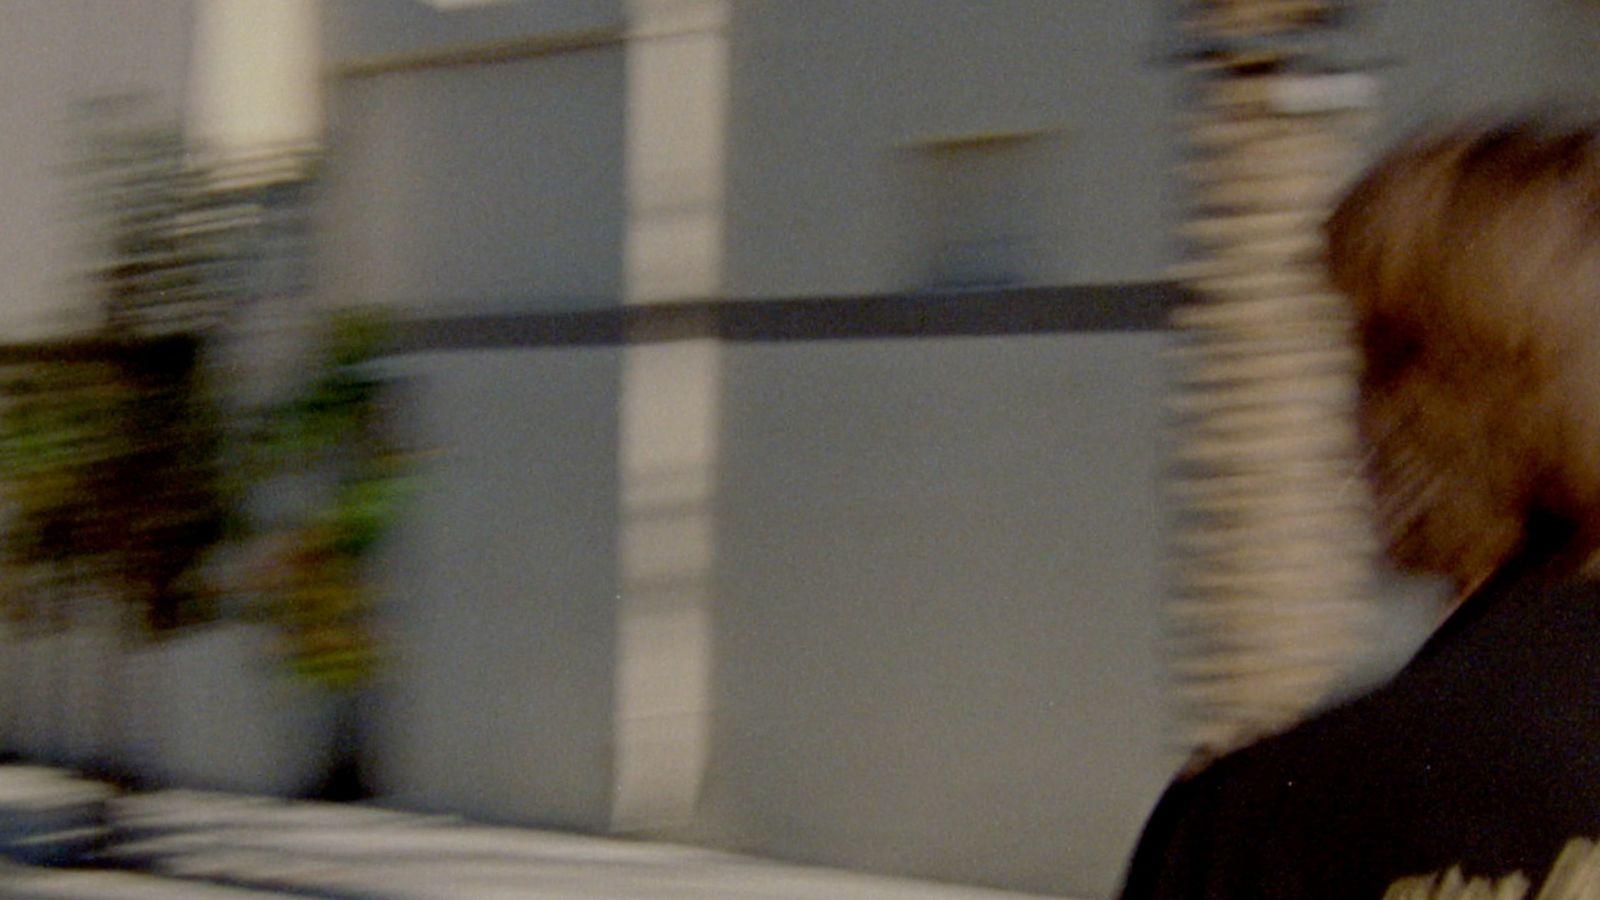 Captura de vídeo de un hombre corriendo por la calle vistiendo prendas de nuestra última colección.